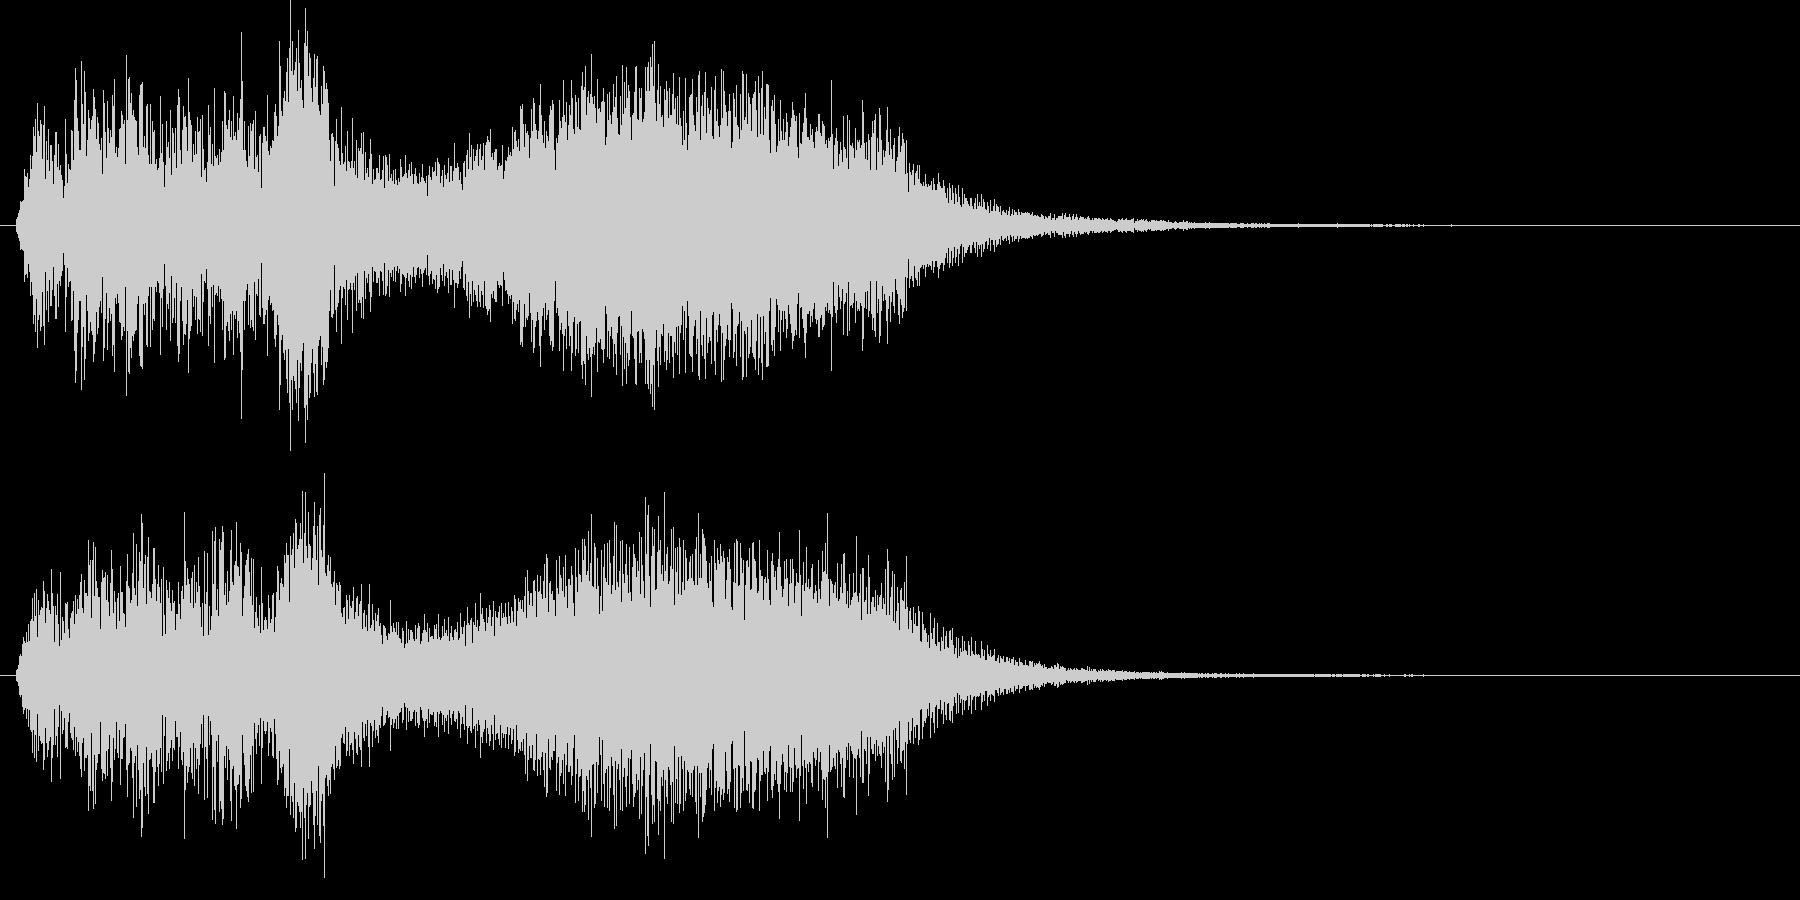 ストリングスによるサスペンス風ジングルの未再生の波形